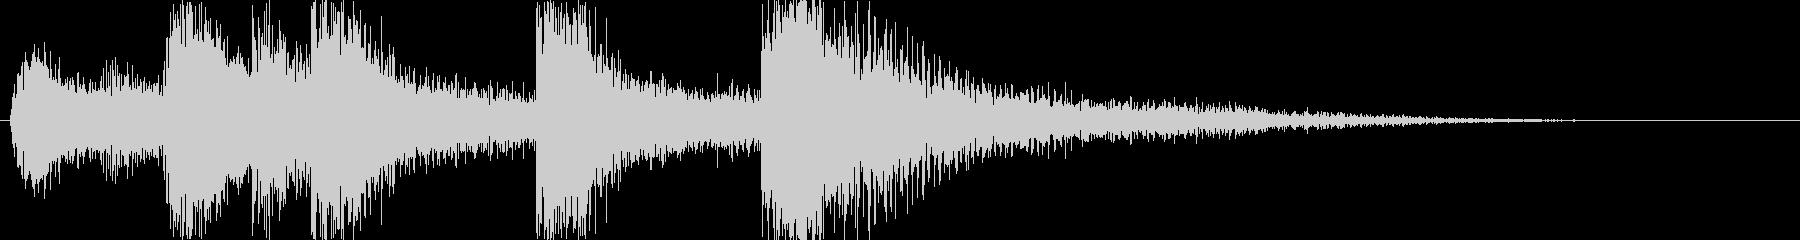 鎧騎士オーケストラ城ジングルアイキャッチの未再生の波形